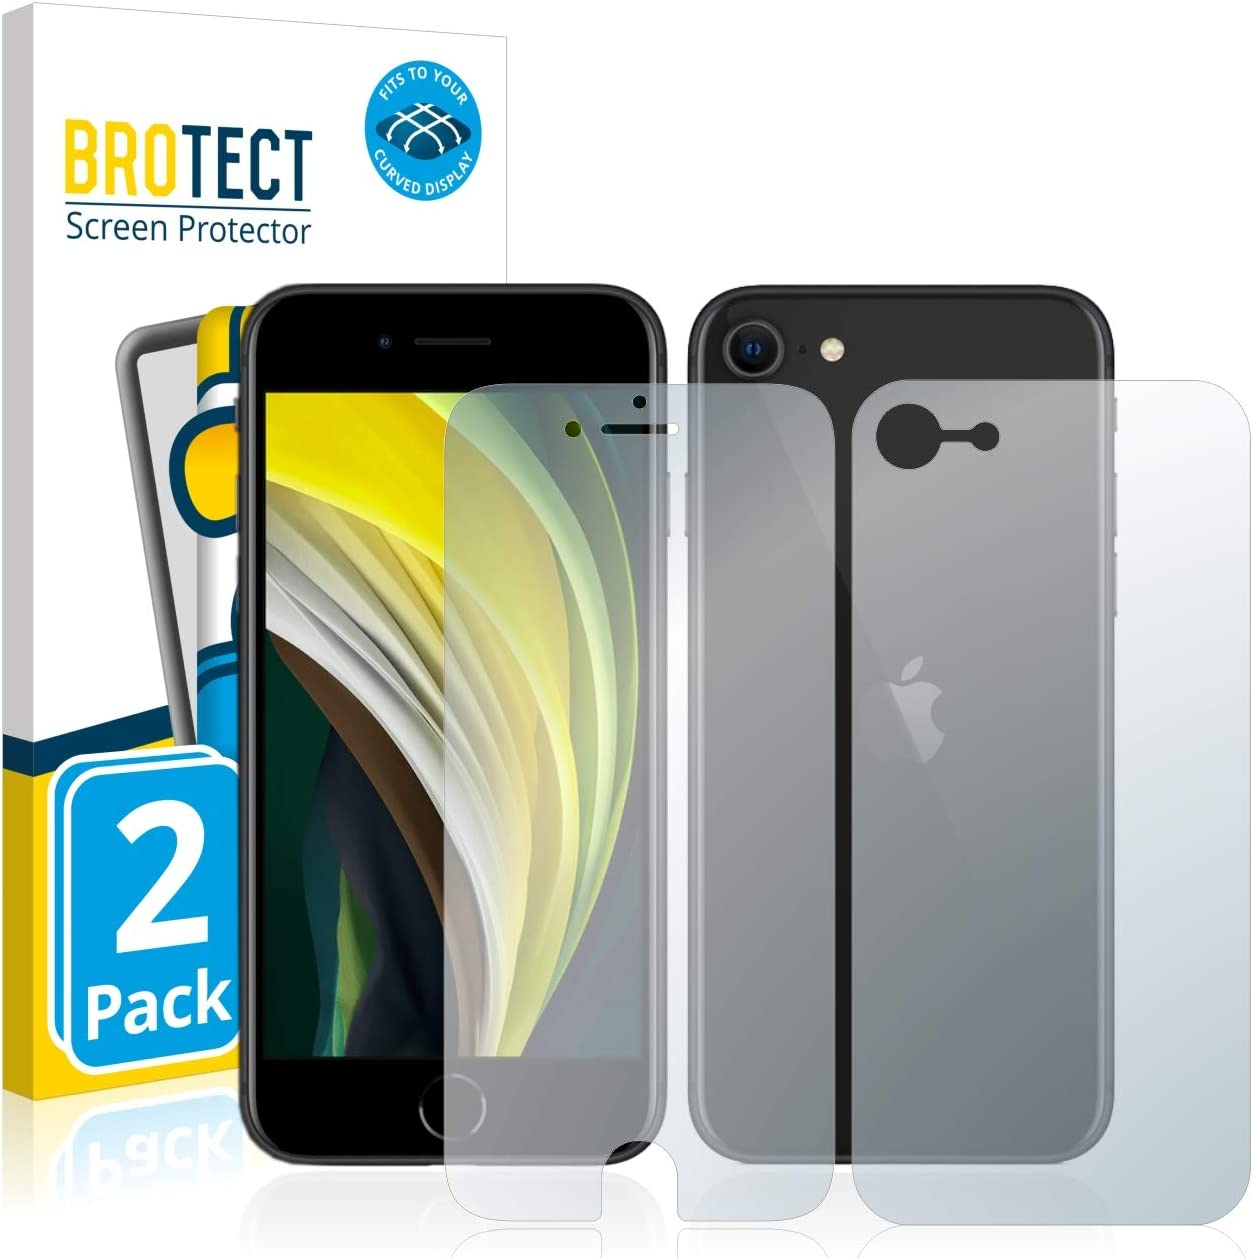 Conber 9H Duret/é Ultra-r/ésistant Film de Protection /écran pour iPhone SE 2020 // iPhone SE 2nd Generation sans Bulles 3 Pi/èces Verre Tremp/é pour iPhone SE 2020 // iPhone SE 2nd Generation,